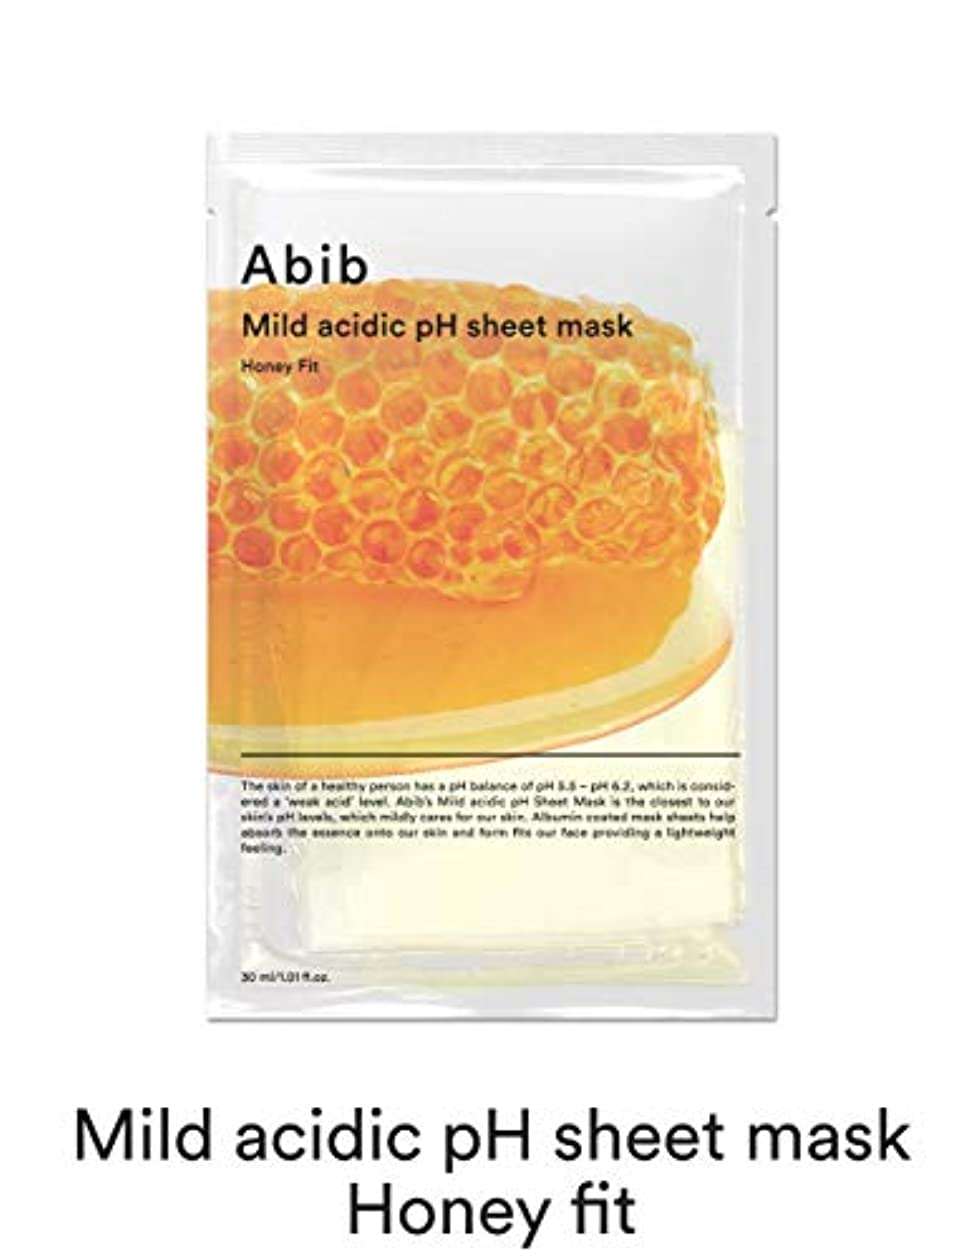 変な奪う隣接する[Abib] アビブ弱酸性pHシートマスクハニーフィット 30mlx10枚 / ABIB MILD ACIDIC pH SHEET MASK HONEY FIT 30mlx10EA [並行輸入品]